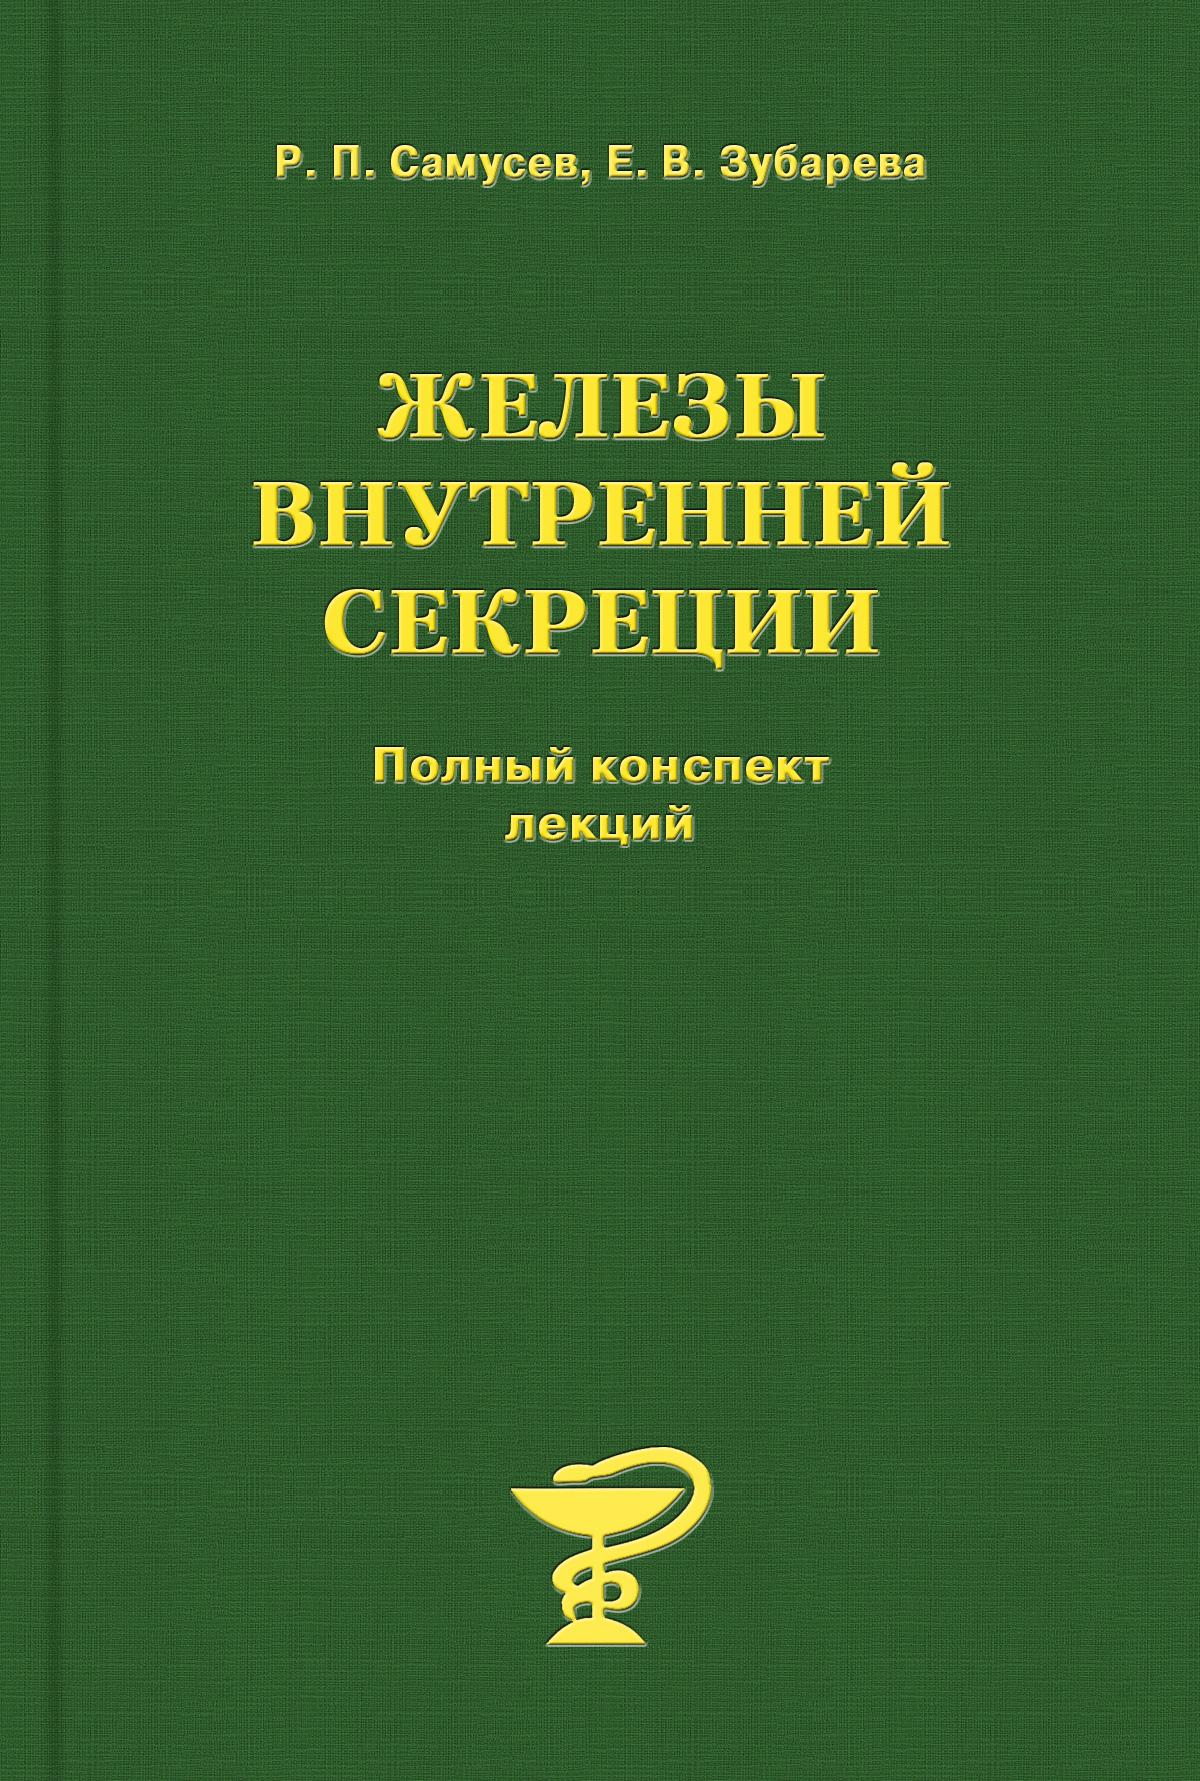 Р. П. Самусев Железы внутренней секреции р п самусев общая и частная гистология